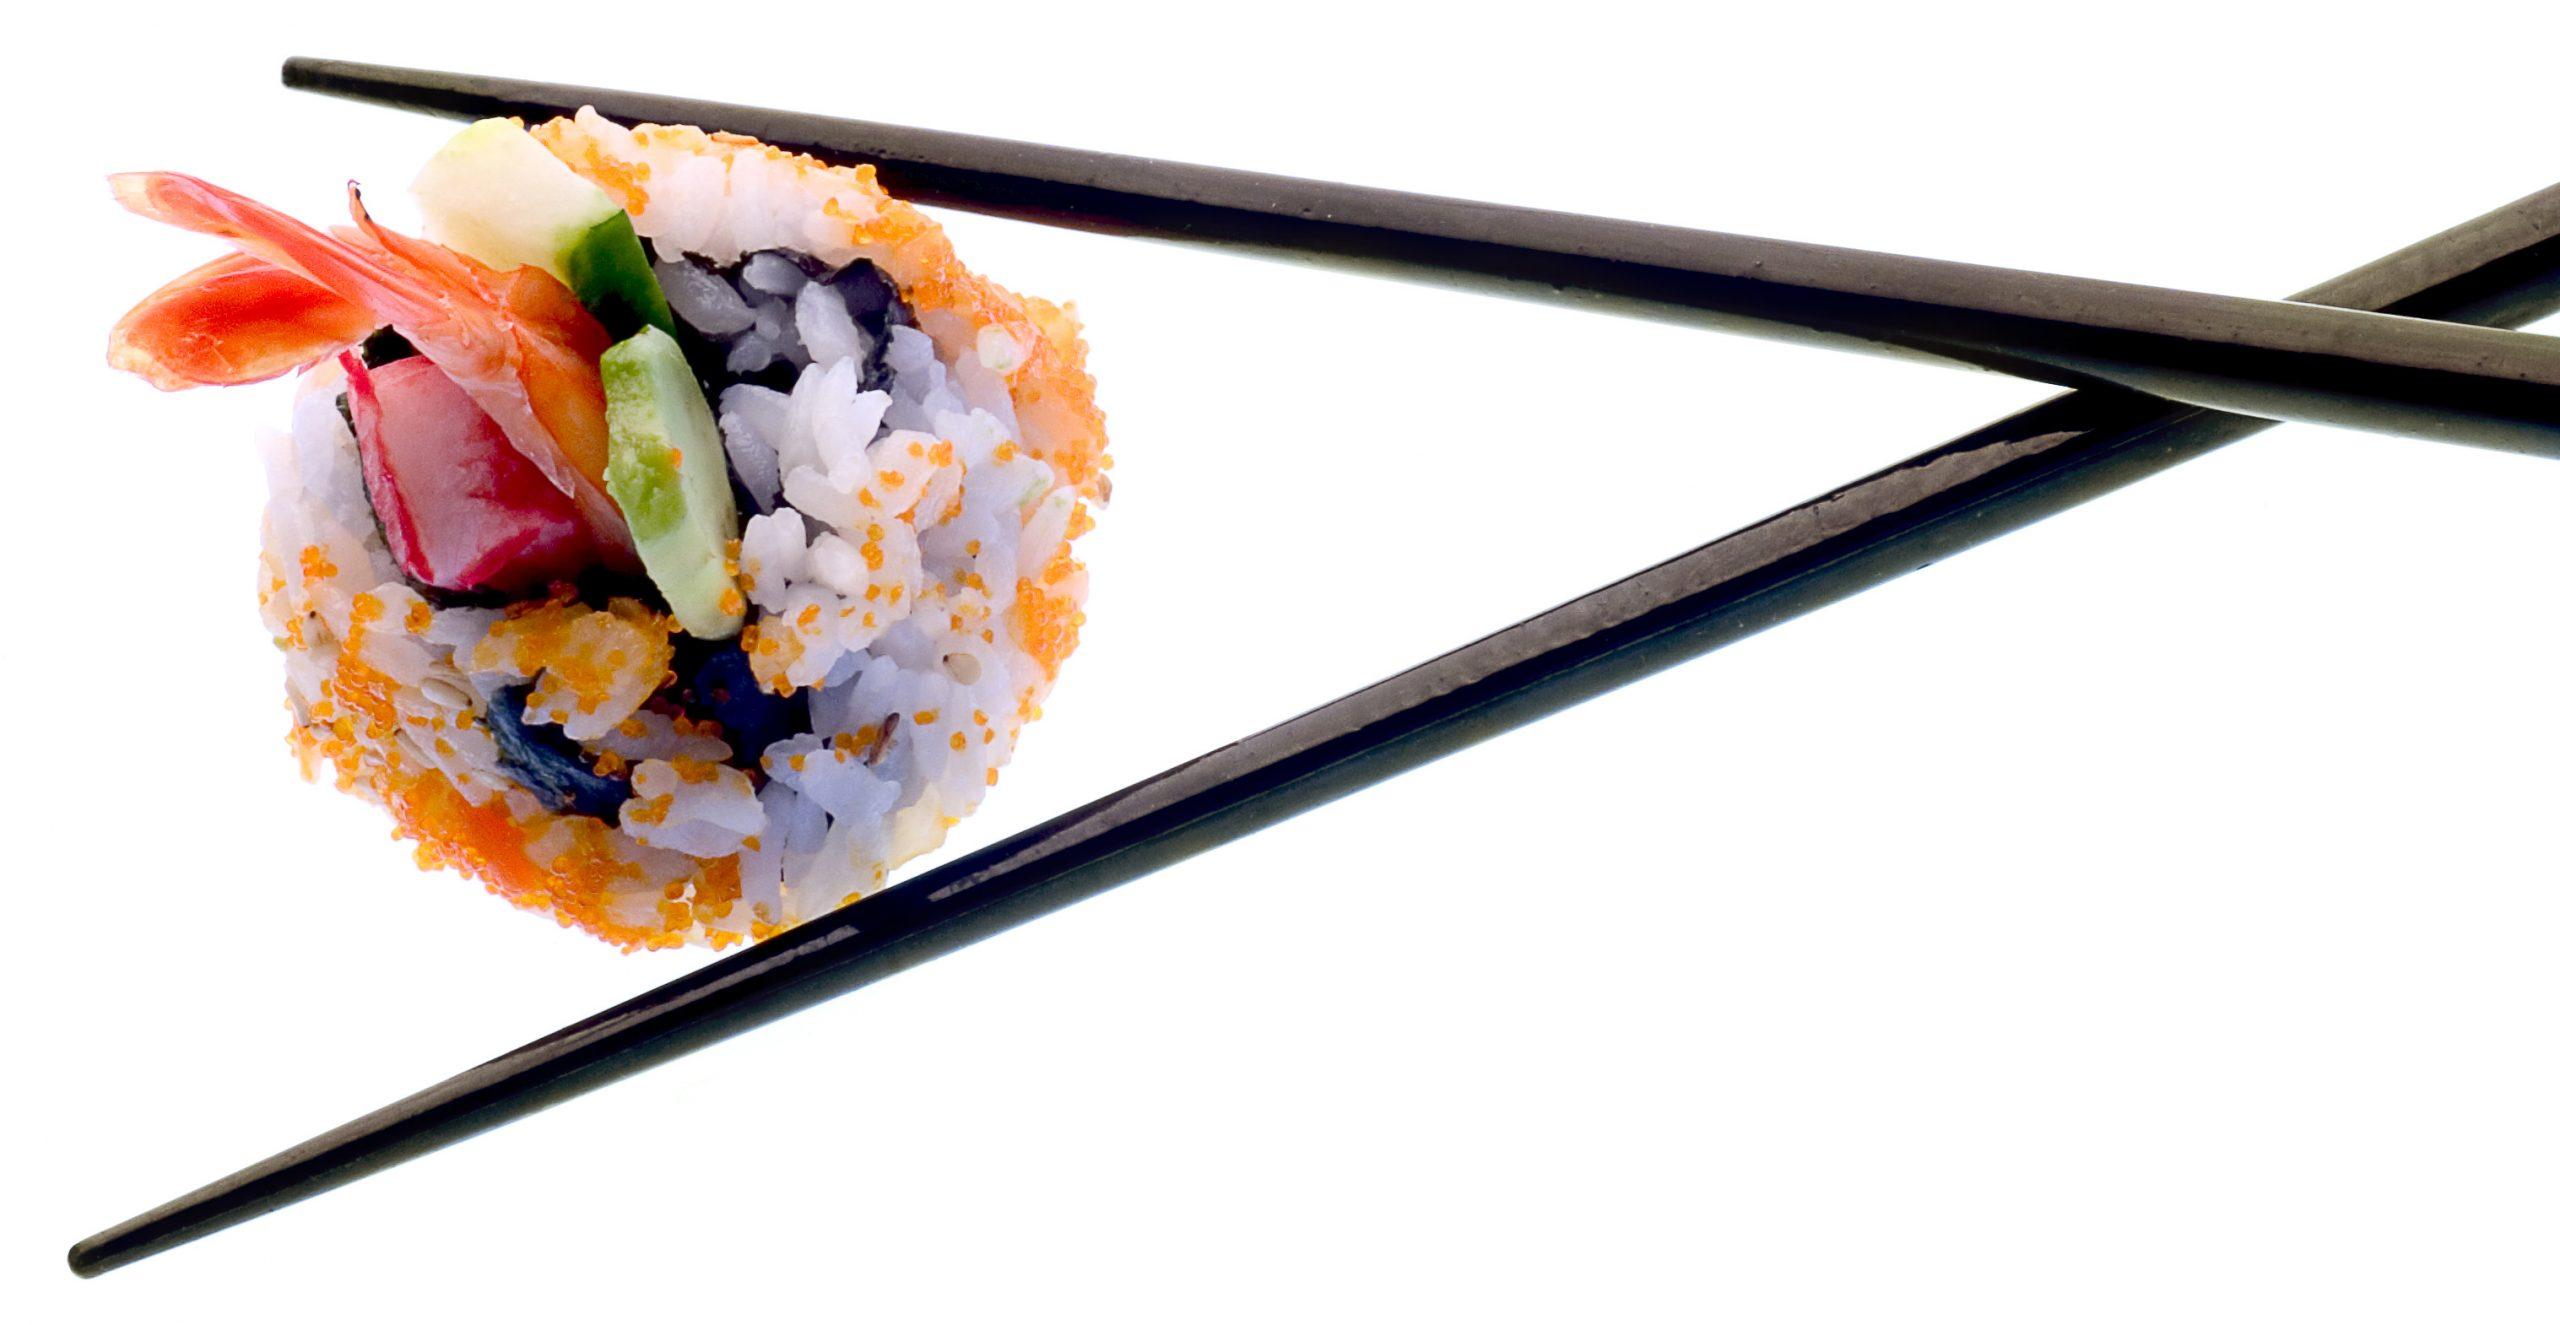 Sushi and chopsticks isolated on white